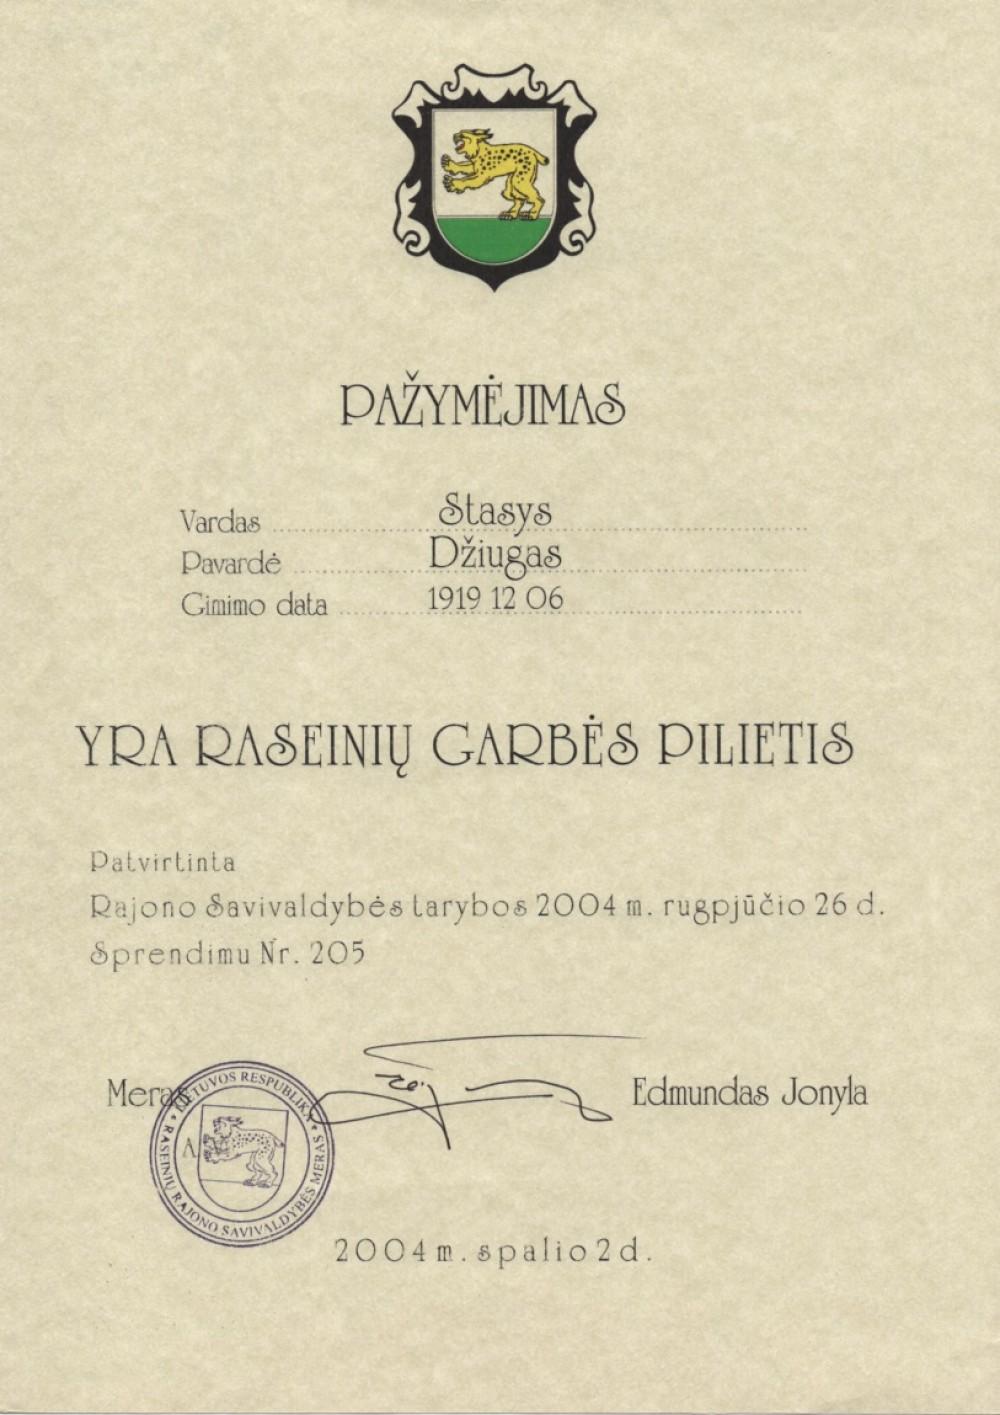 Raseinių garbės piliečio pažymėjimas. 2004 10 02